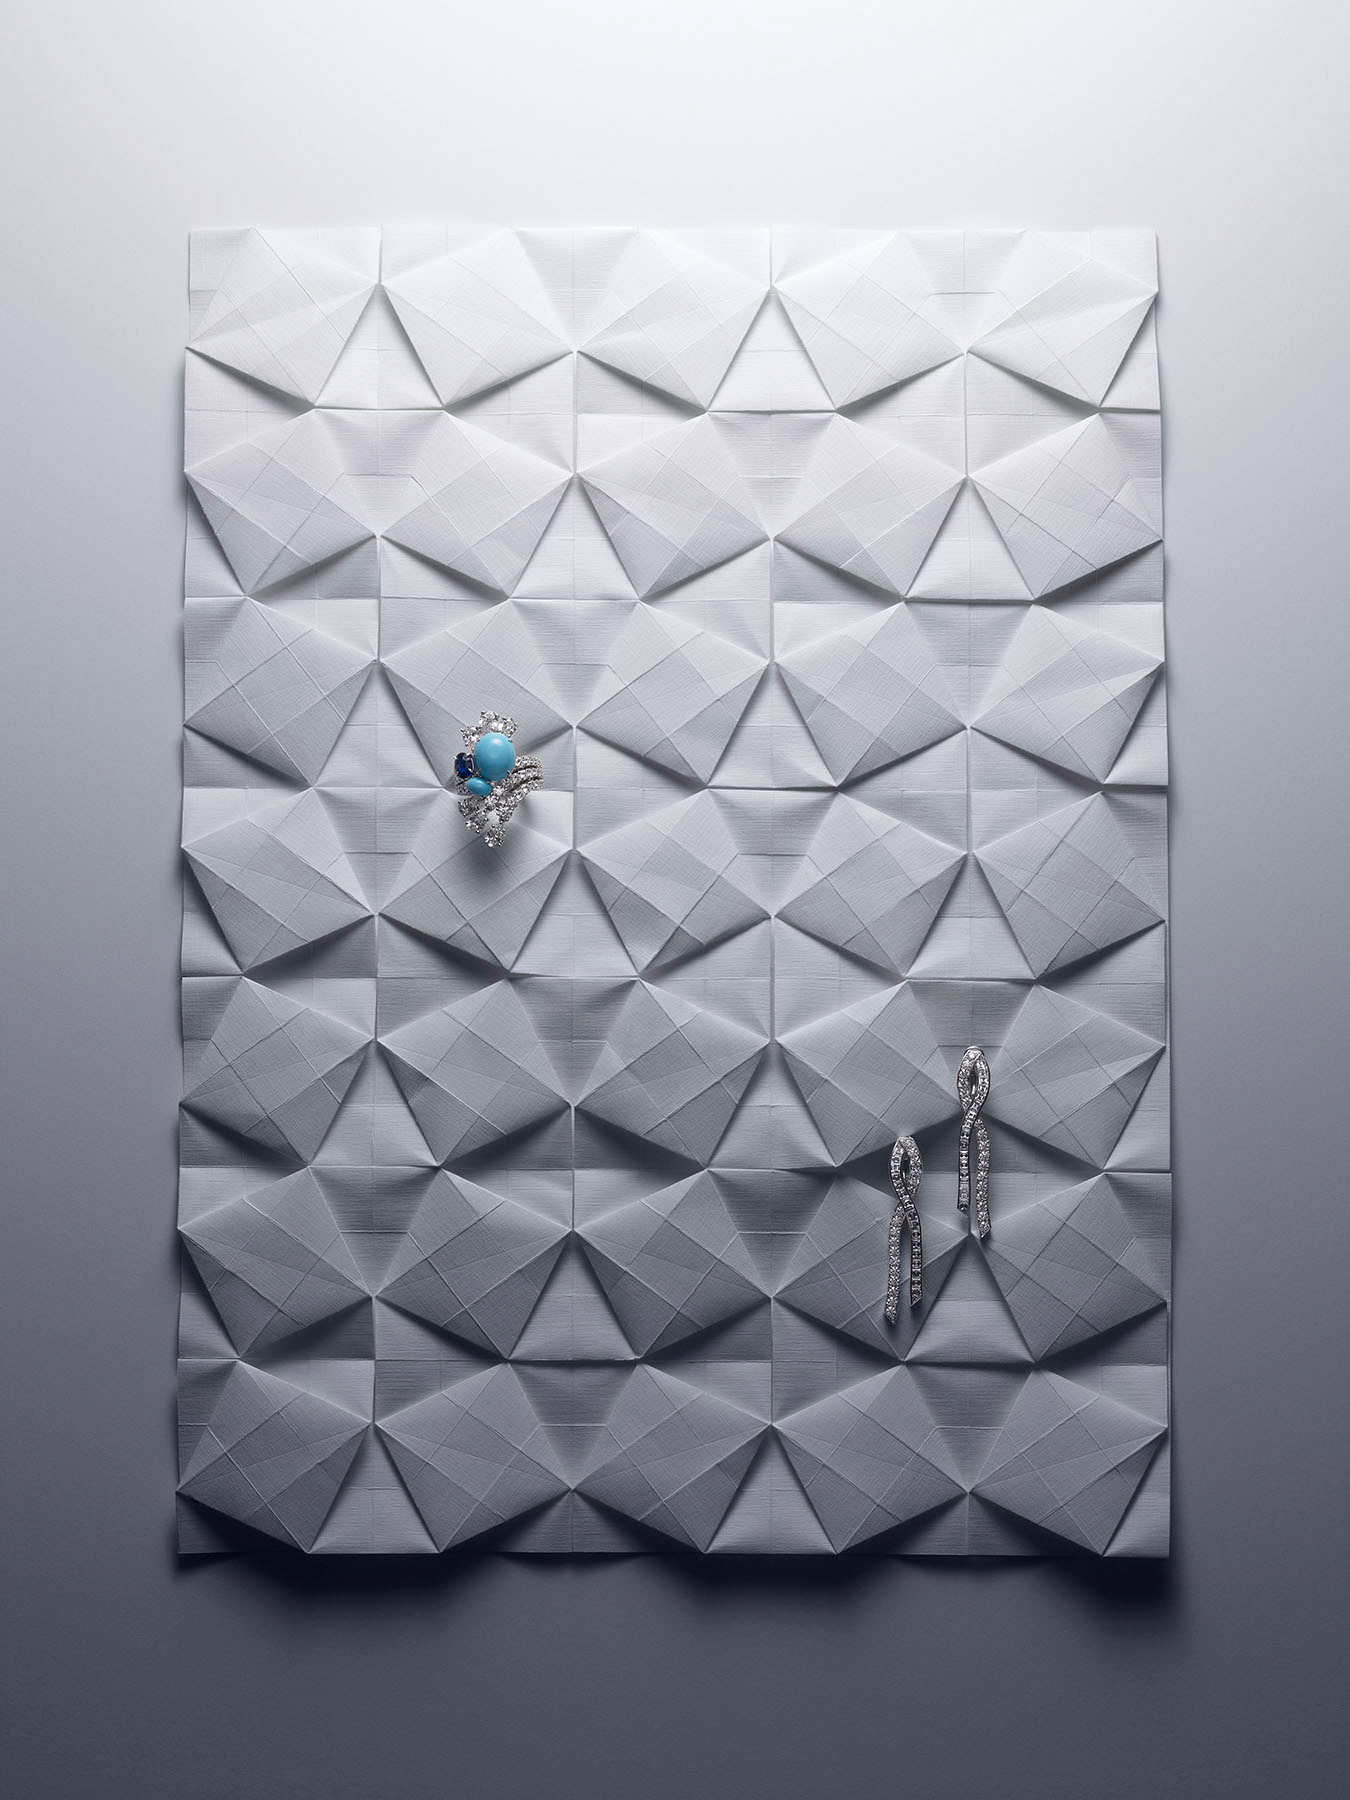 e05sochic_origami